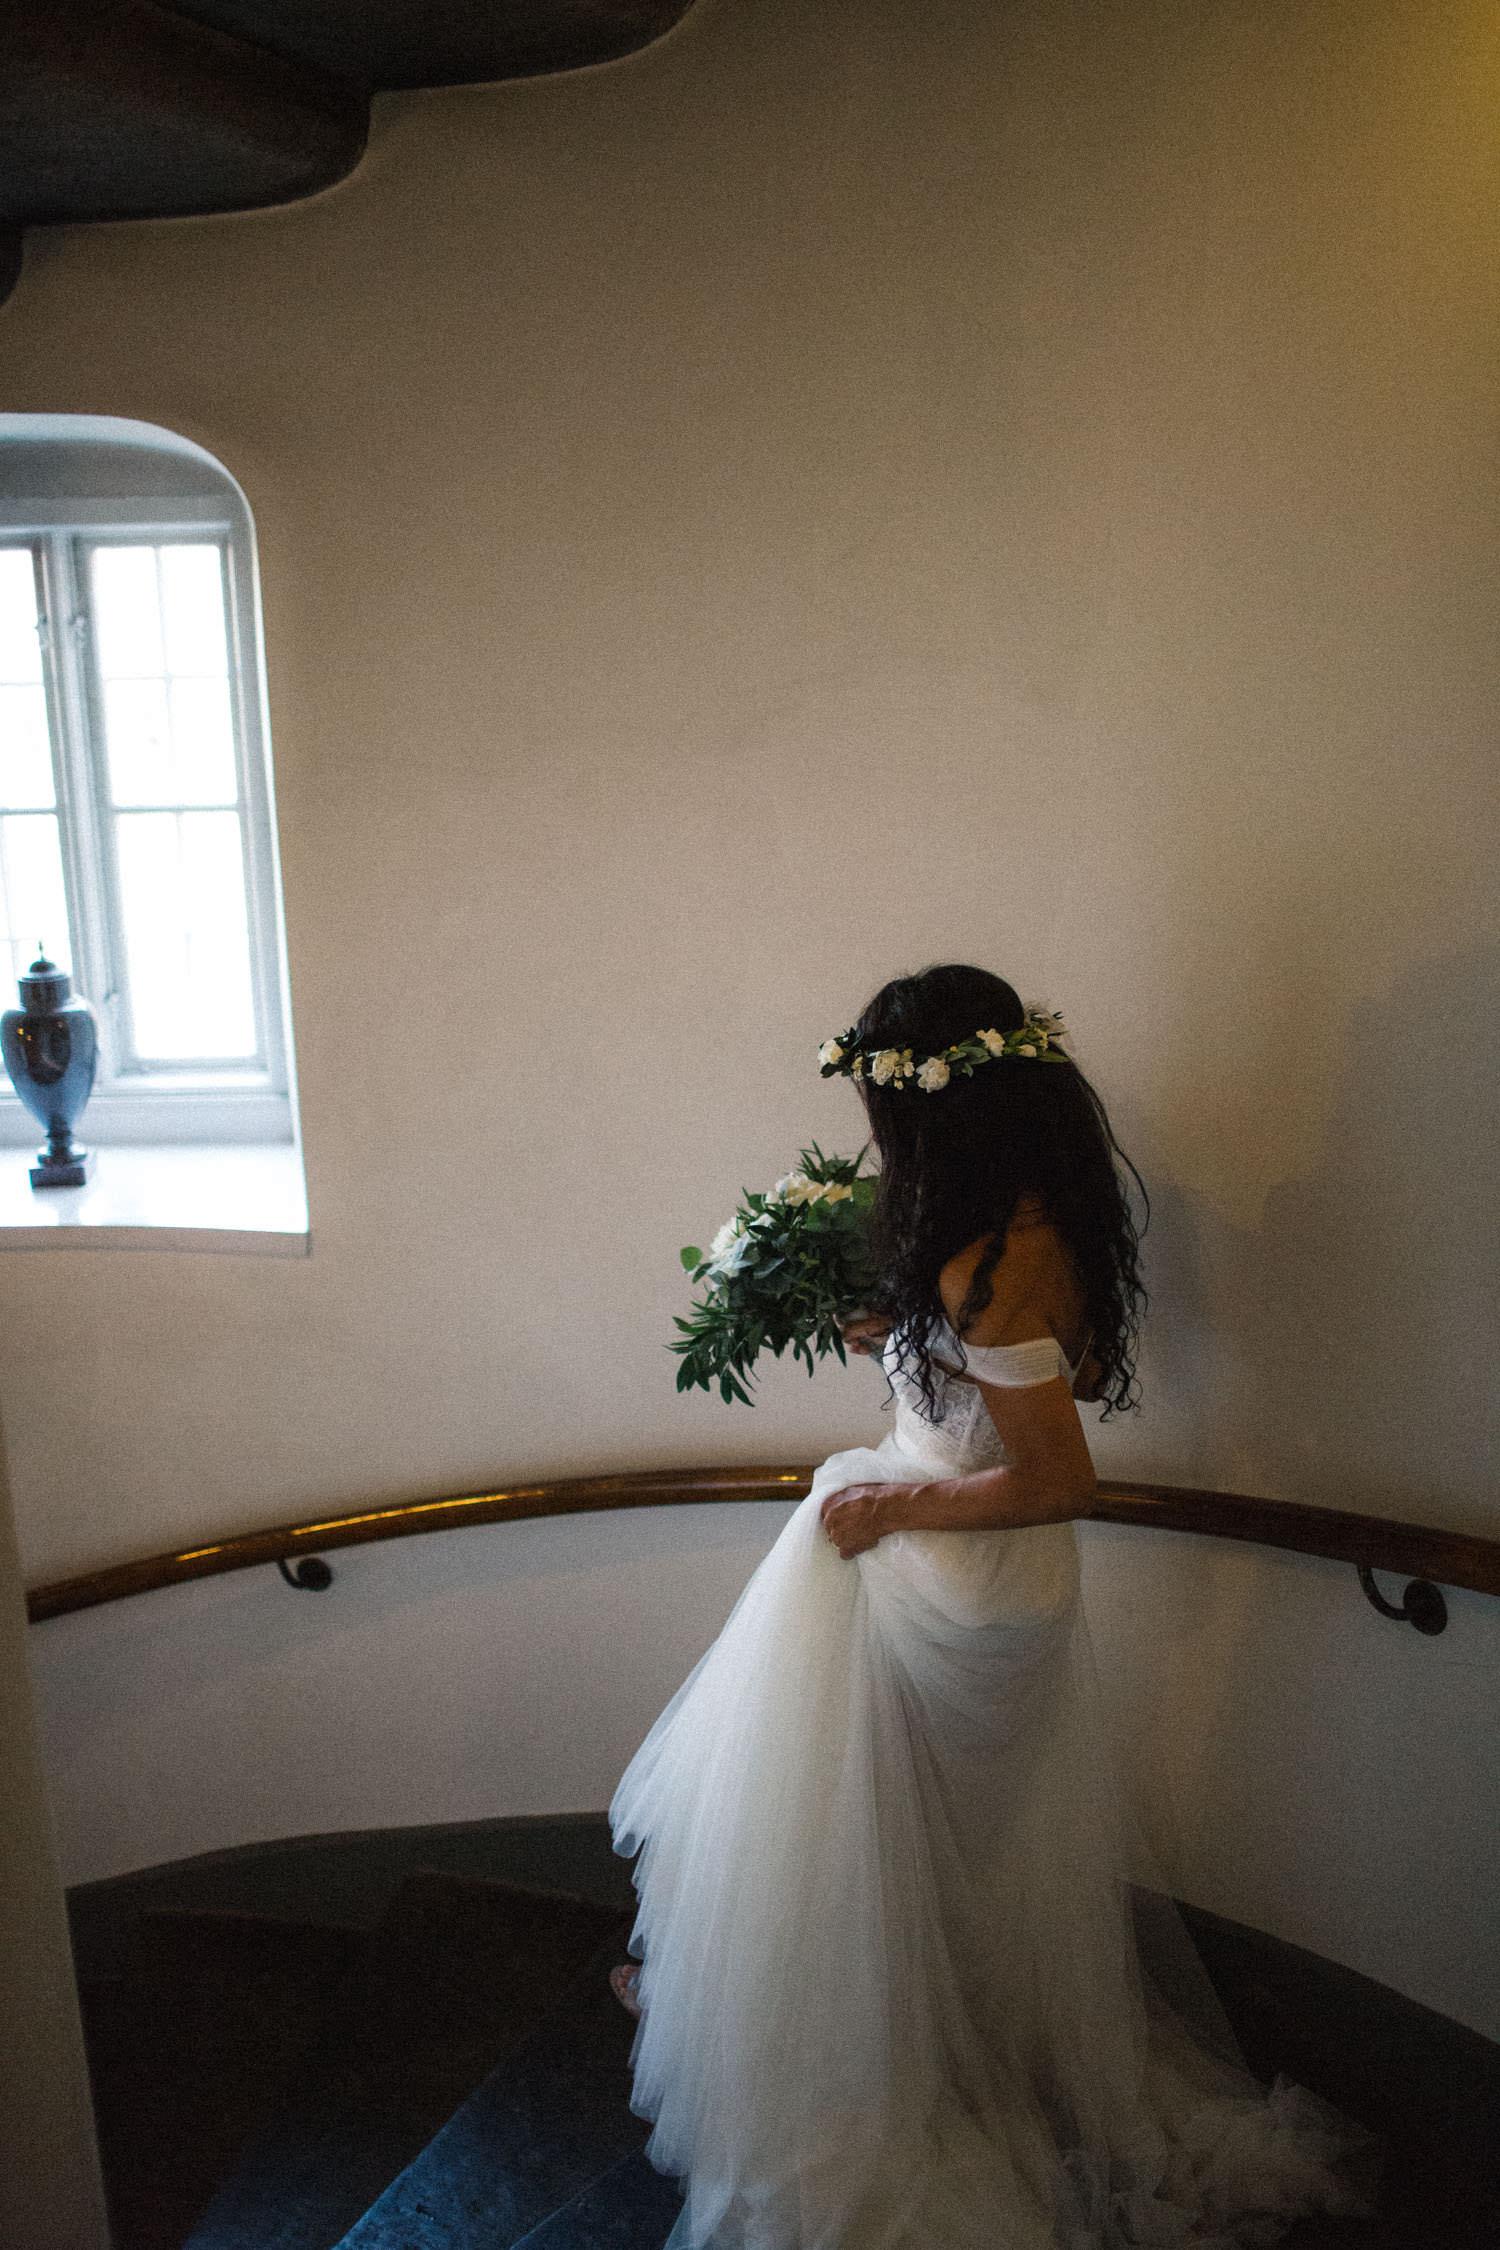 Bruden Ashley Ljungbäck går nedför trappan på Trolleholms slott. Brudklänning från Mia Grace Bridal, florist är Lilla Hults blommor. Fotograf Tove Lundquist i Skåne.